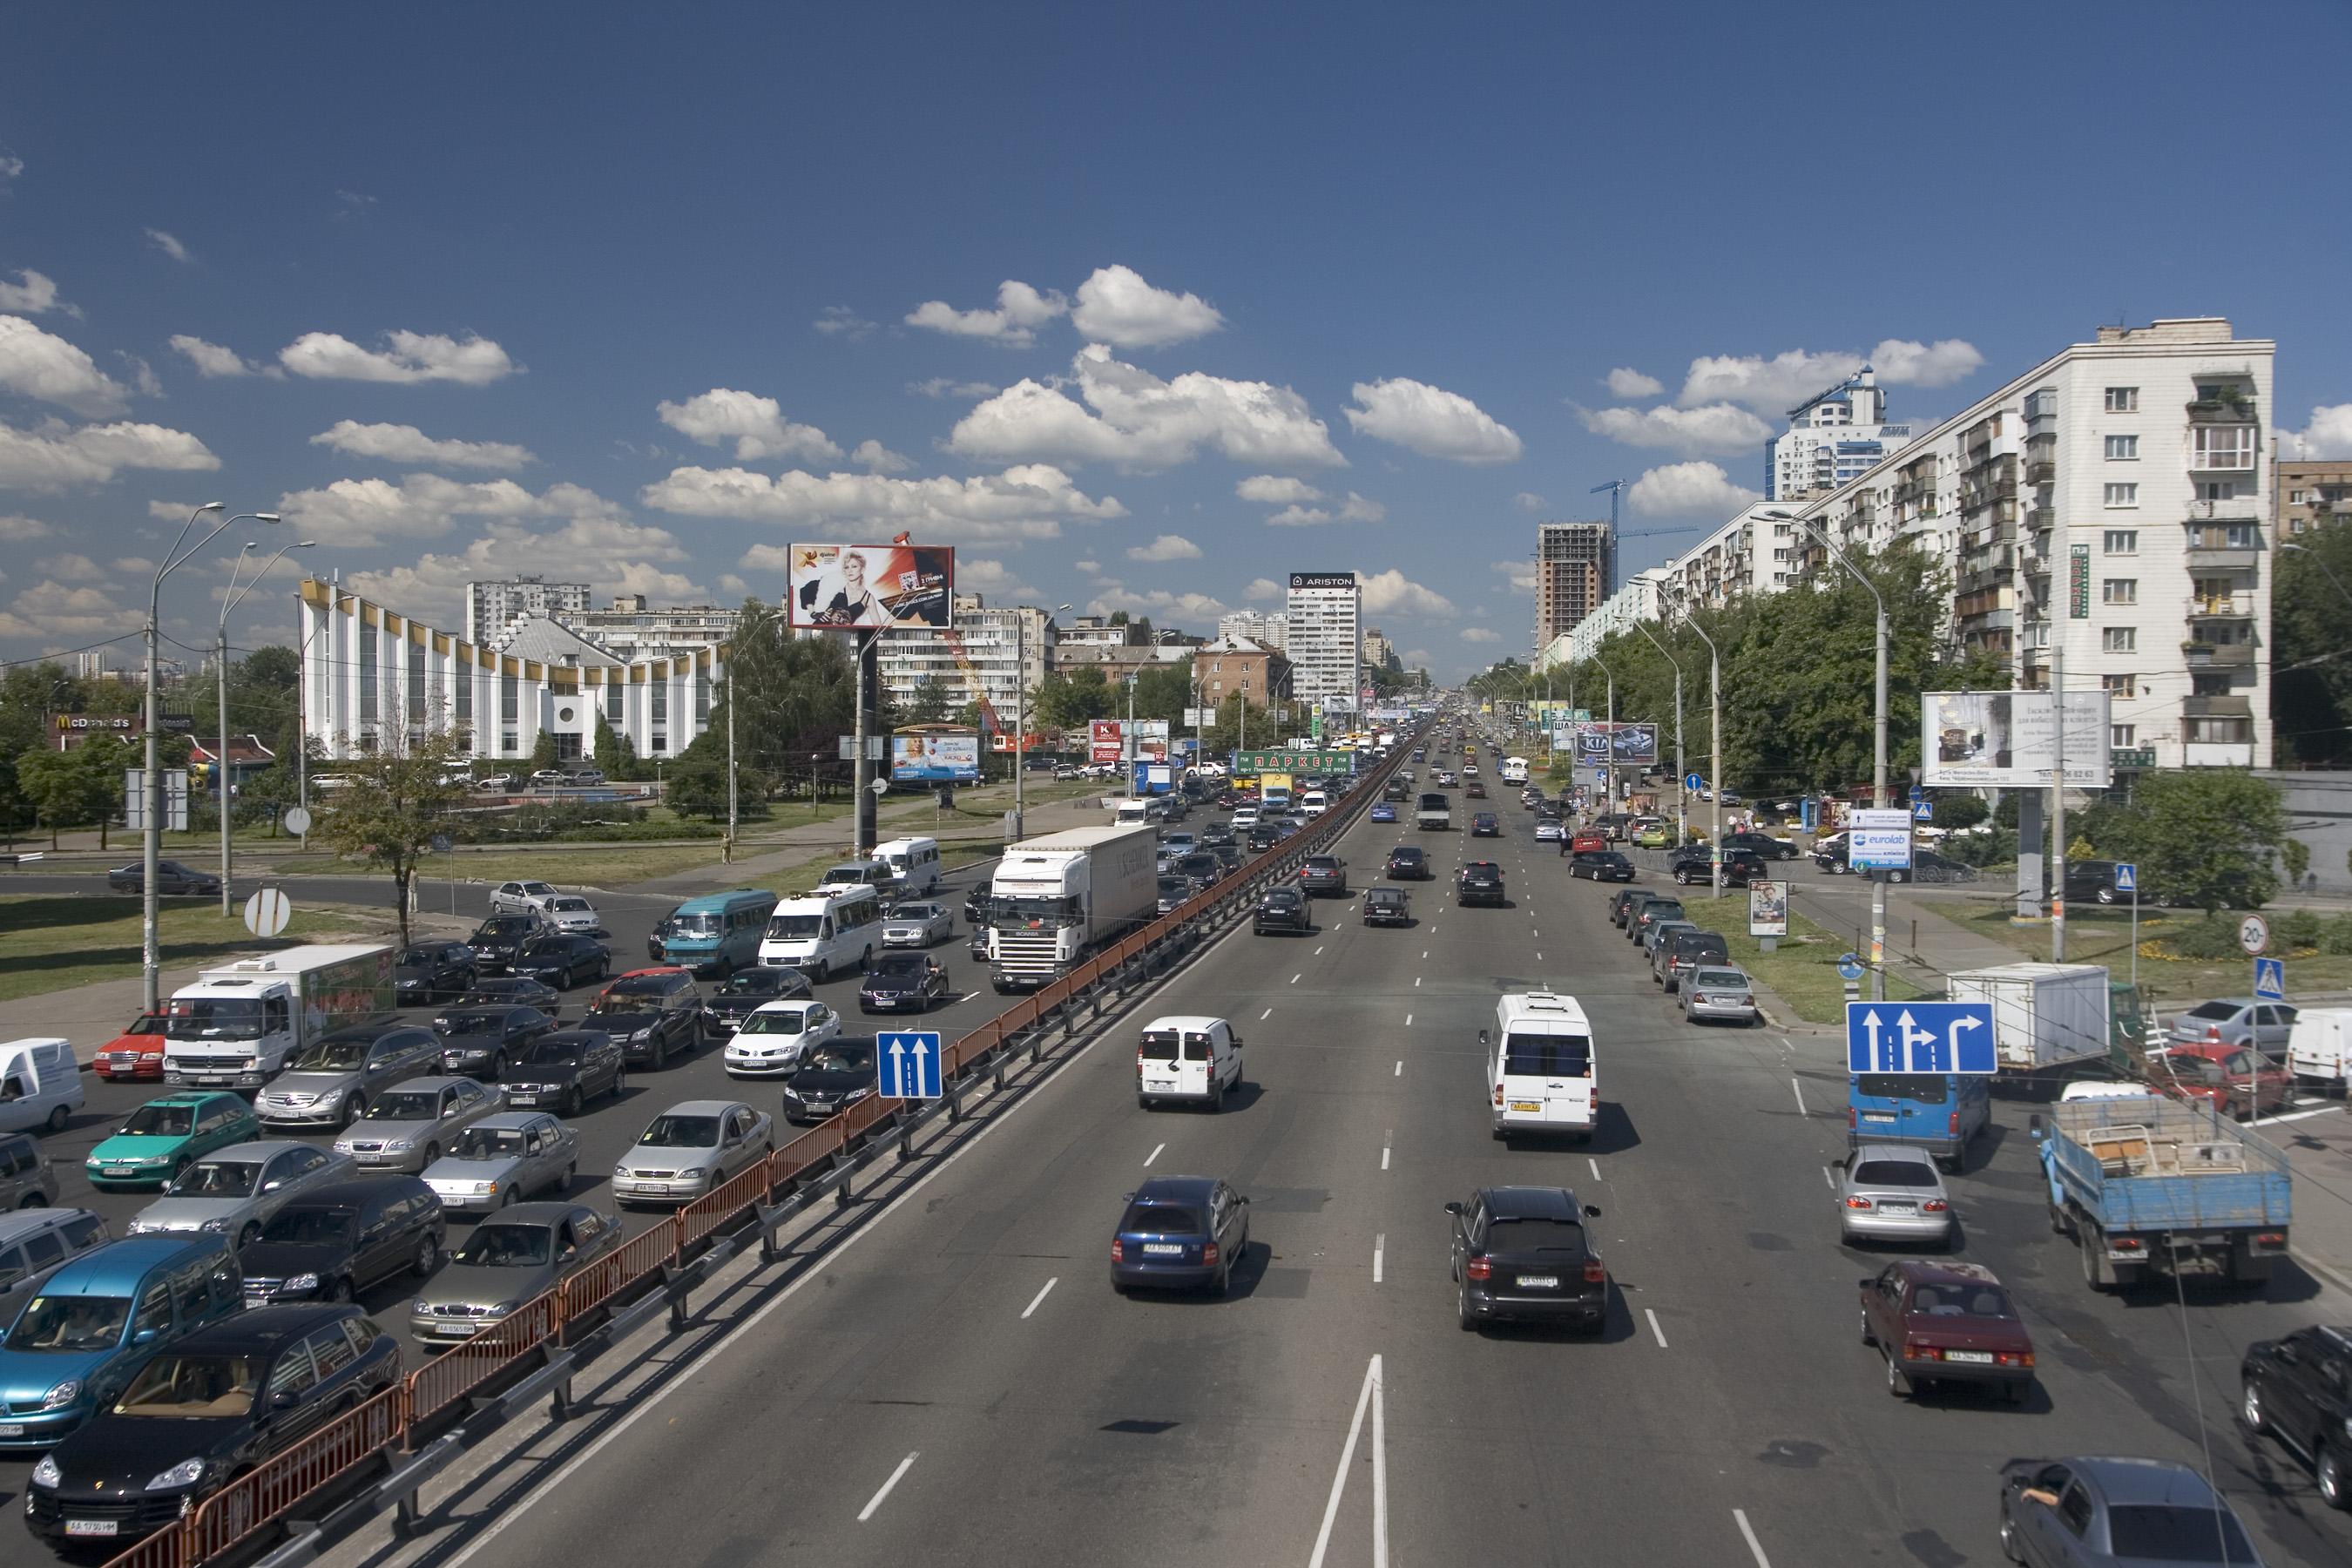 На проспекте Победы бесстрашный пешеход пересек 6 полос проезжей части